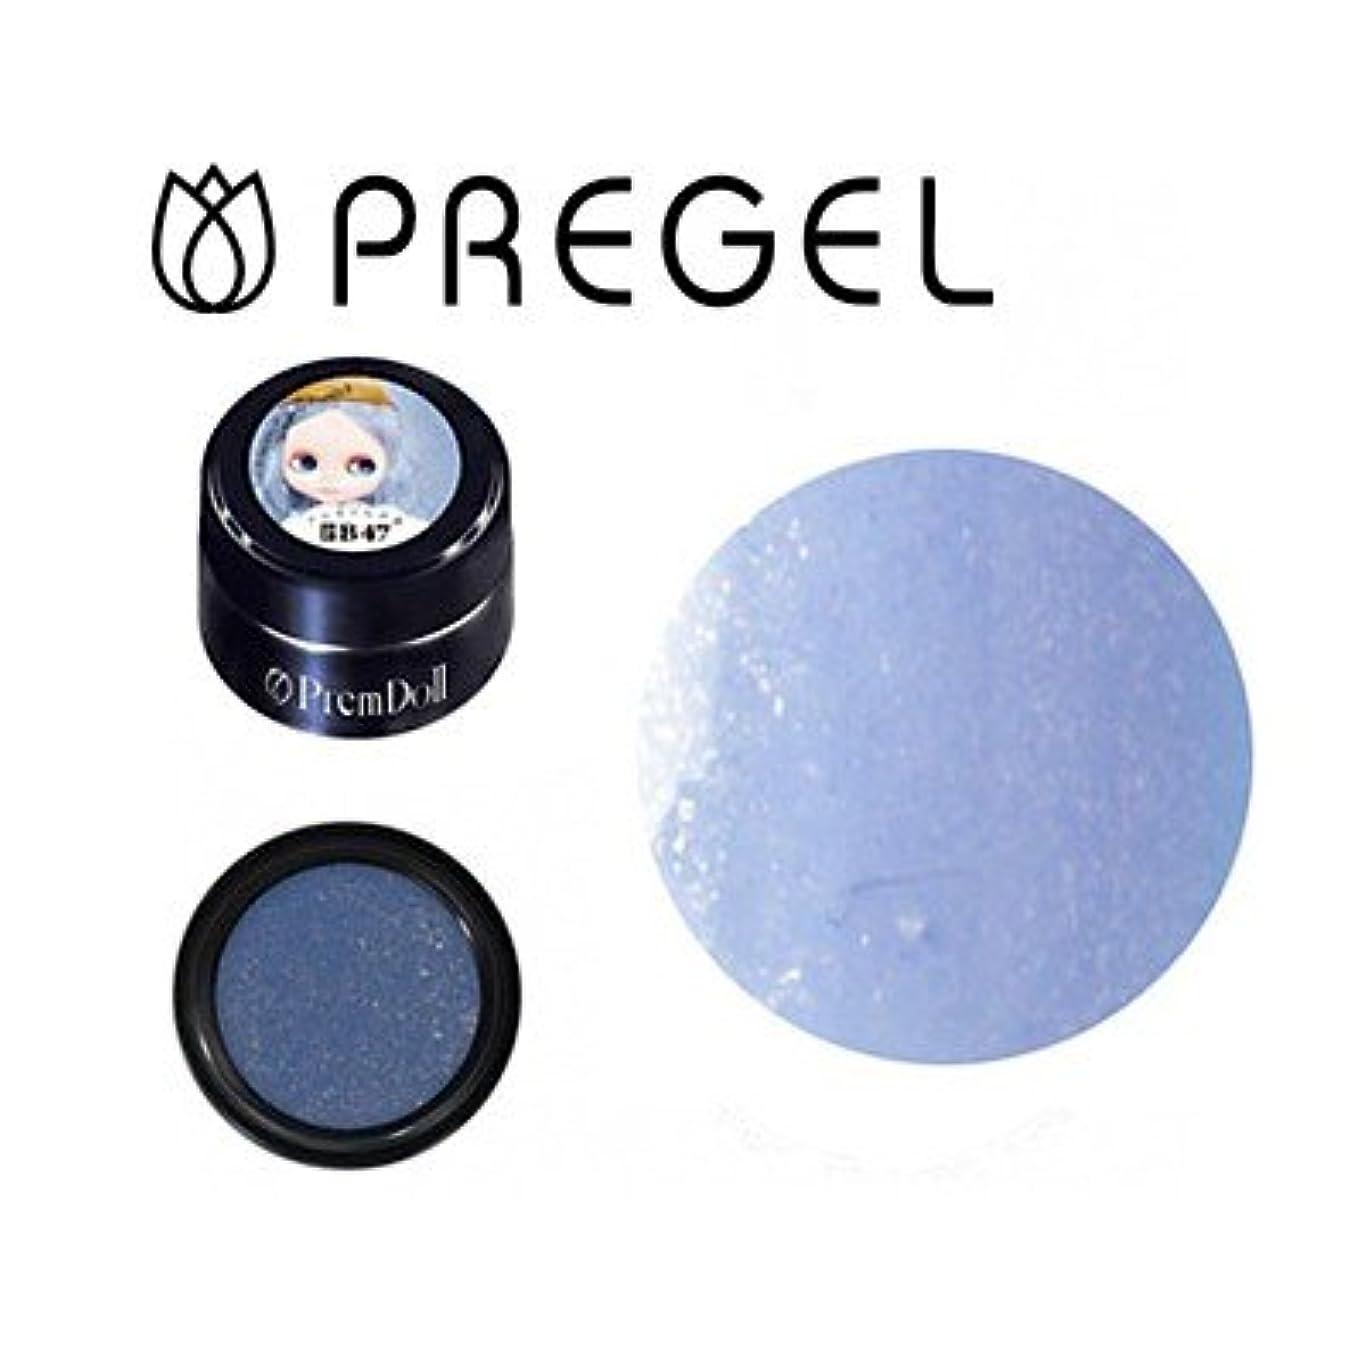 ボートしなければならない化学薬品ジェルネイル カラージェル プリジェル PREGEL プリムドール ジェーンレフロイシリーズ DOLL-B47 アルタイルの涙